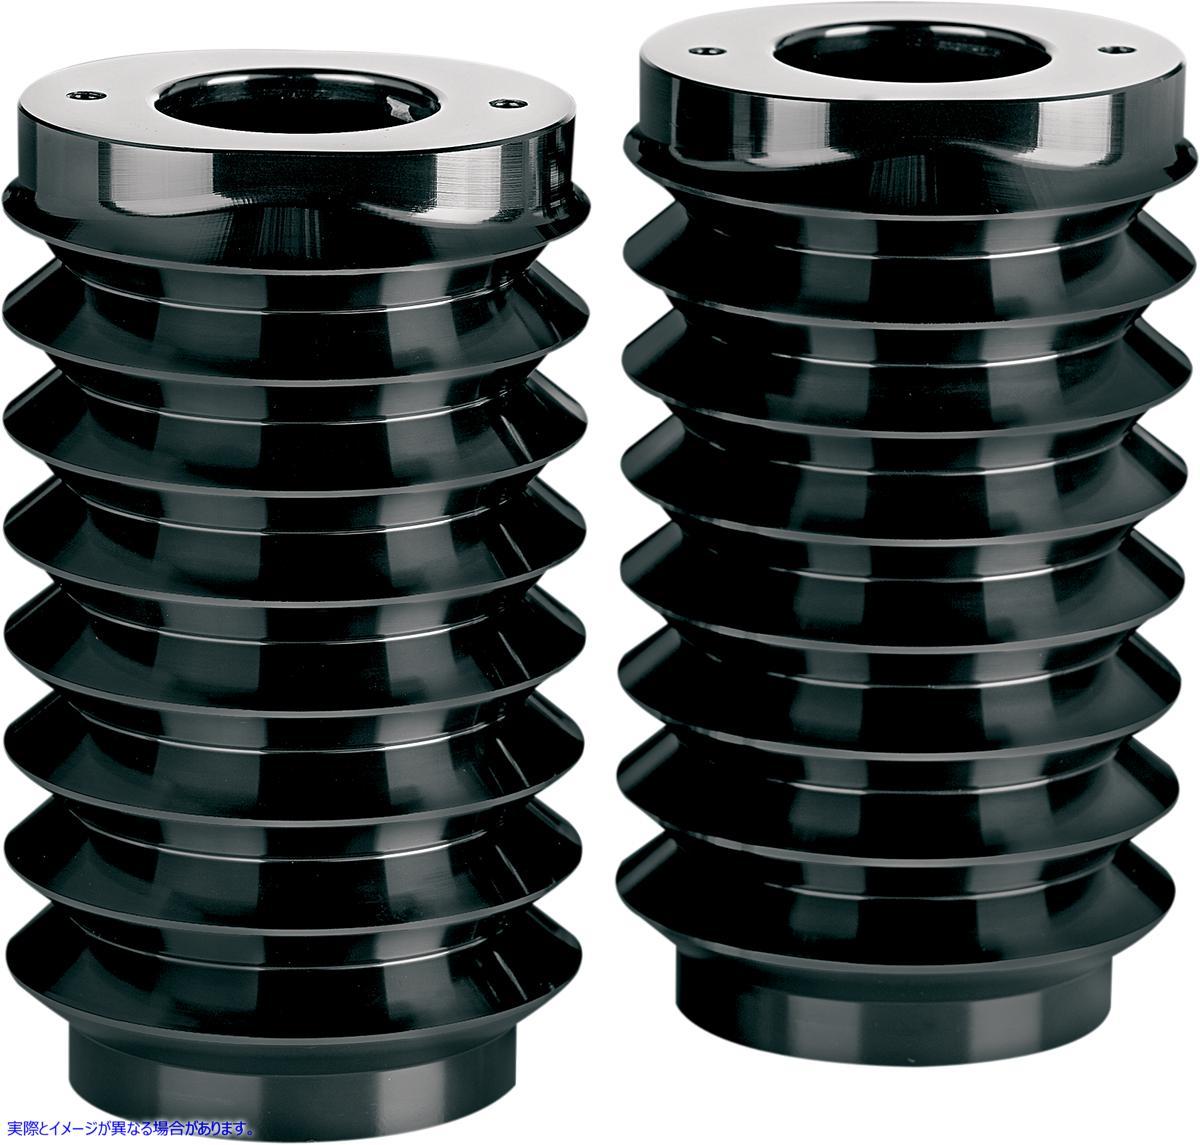 【取寄せ】 アレンネス 20-004 ARLEN NESS Retro Fork Boot Covers - Black Anodized - FLHT COVER SLDR RETRO FLHT BLK 04110006 ( 0411-0